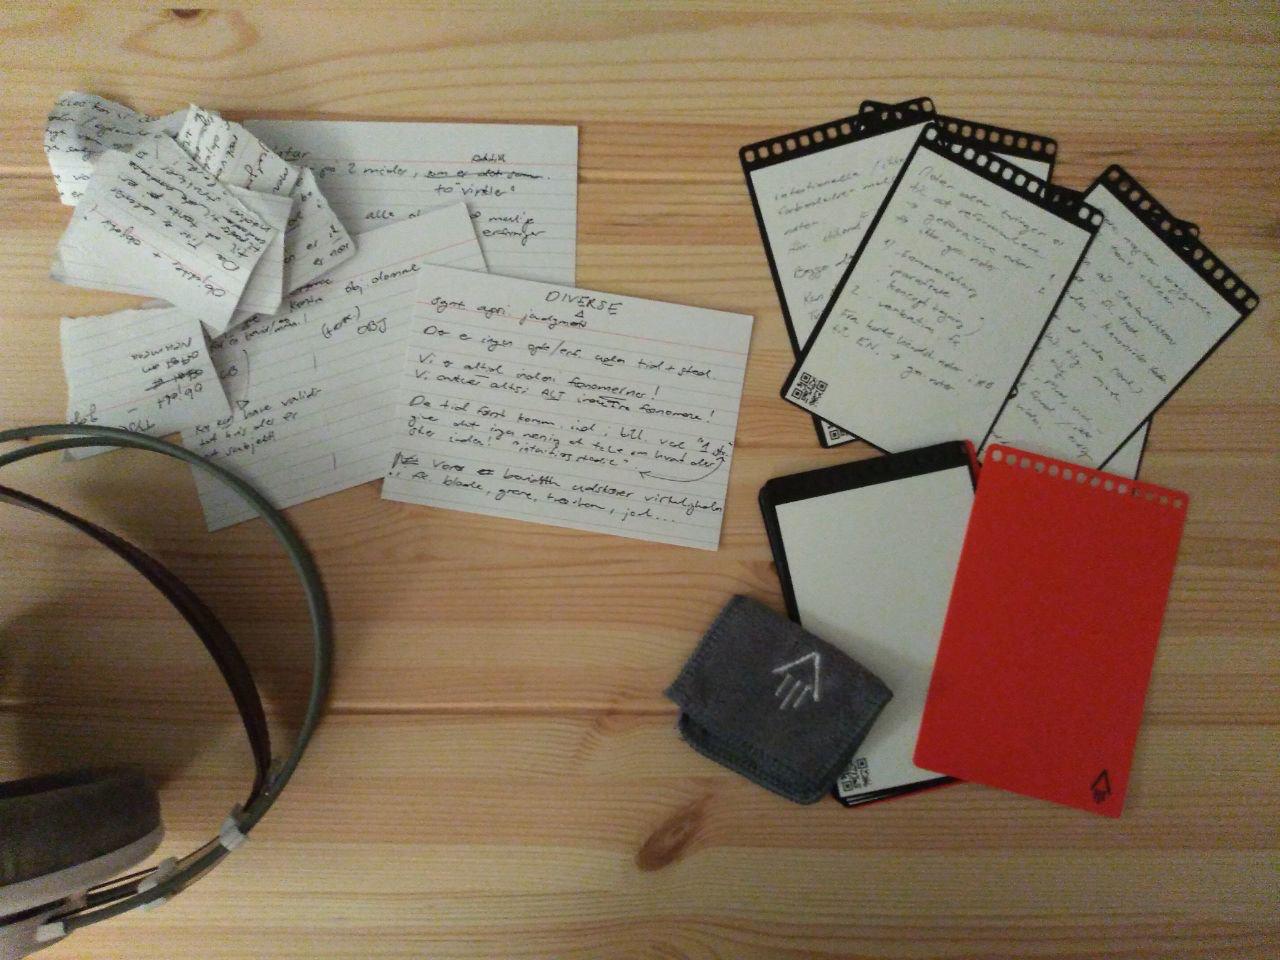 Стефан разобрал свой блокнот Rocketbook на «бесконечную пачку карточек»